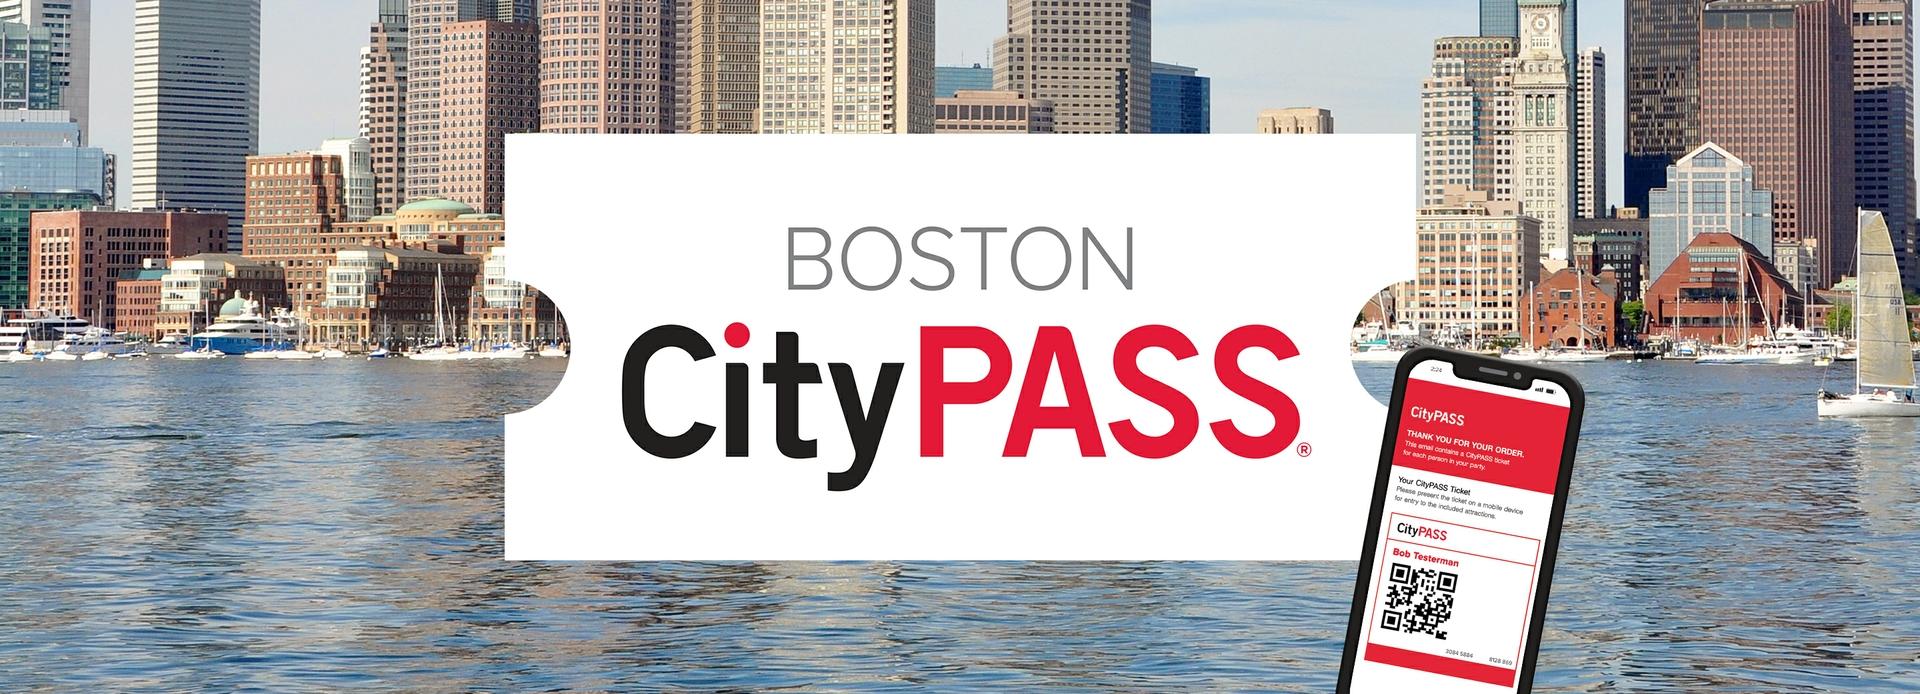 2021-2022 Boston CityPASS®